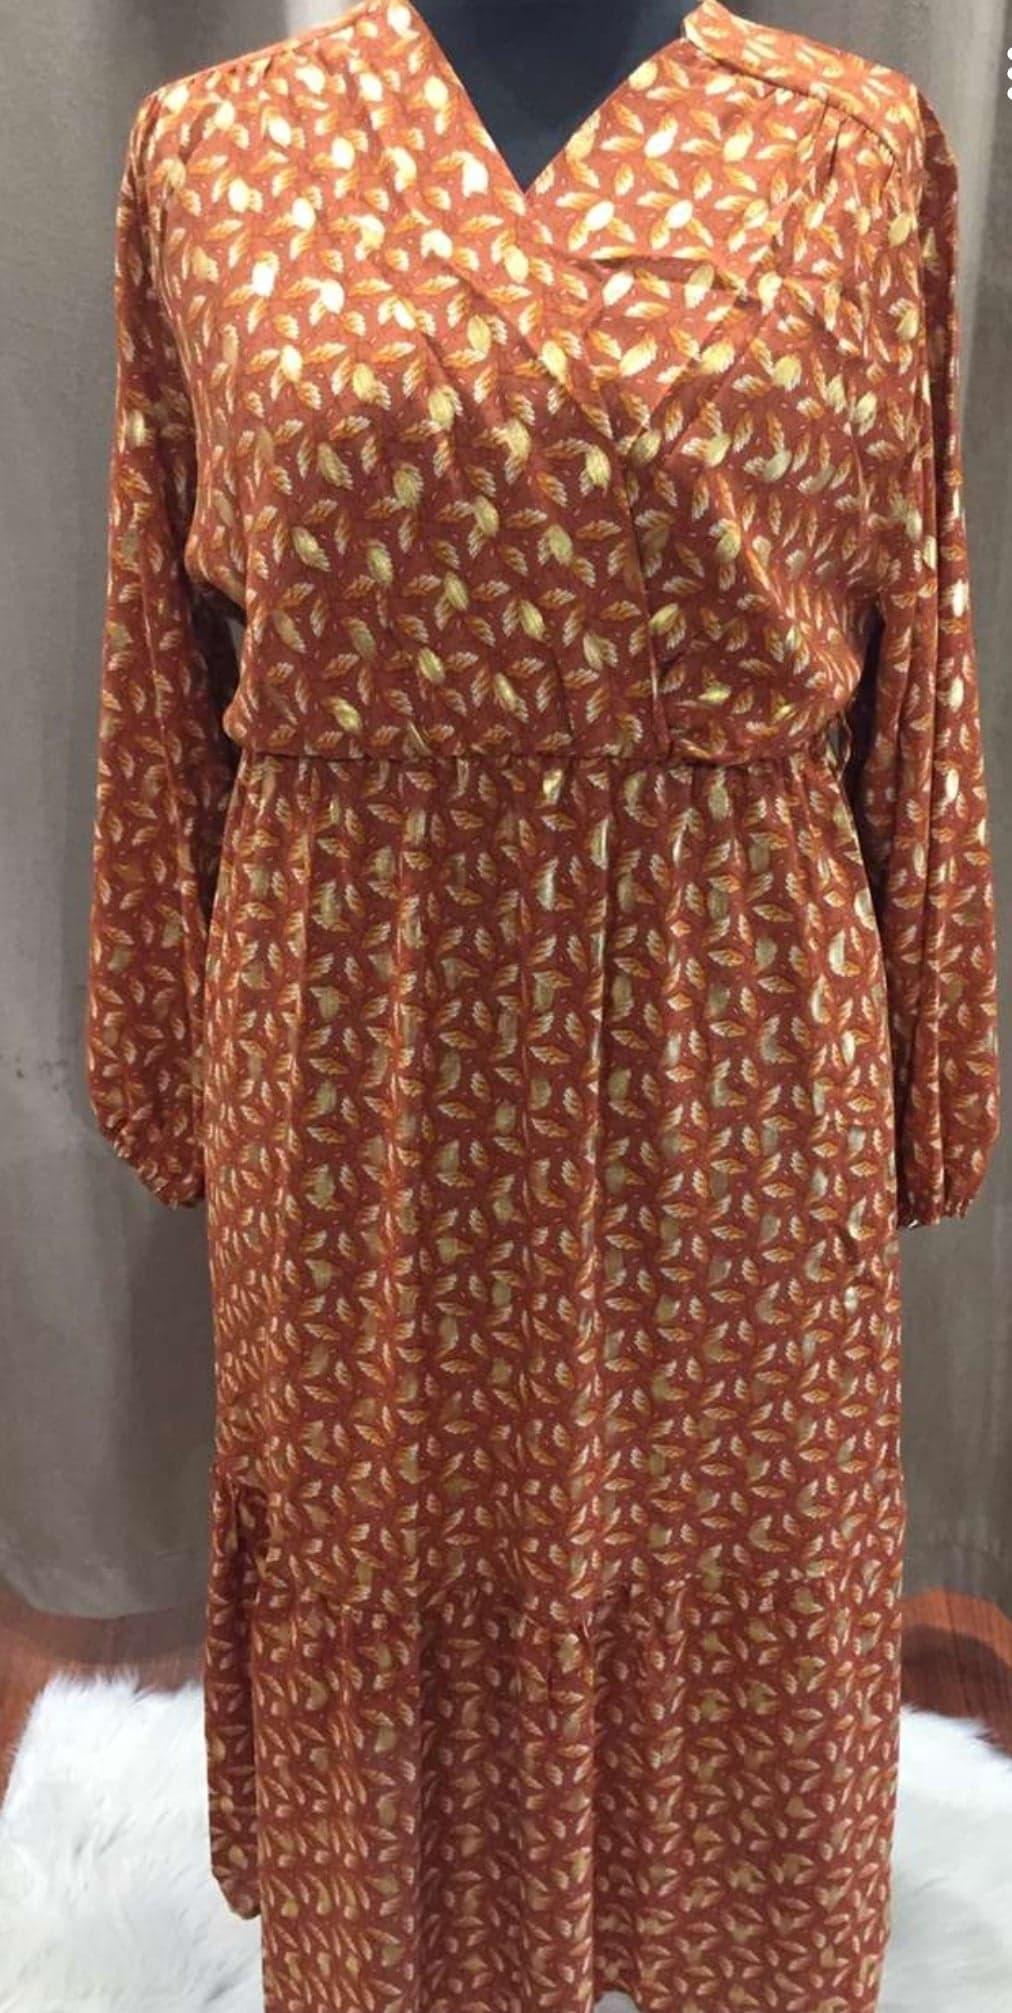 longue robe orange - LON_ROB_ORA_GT